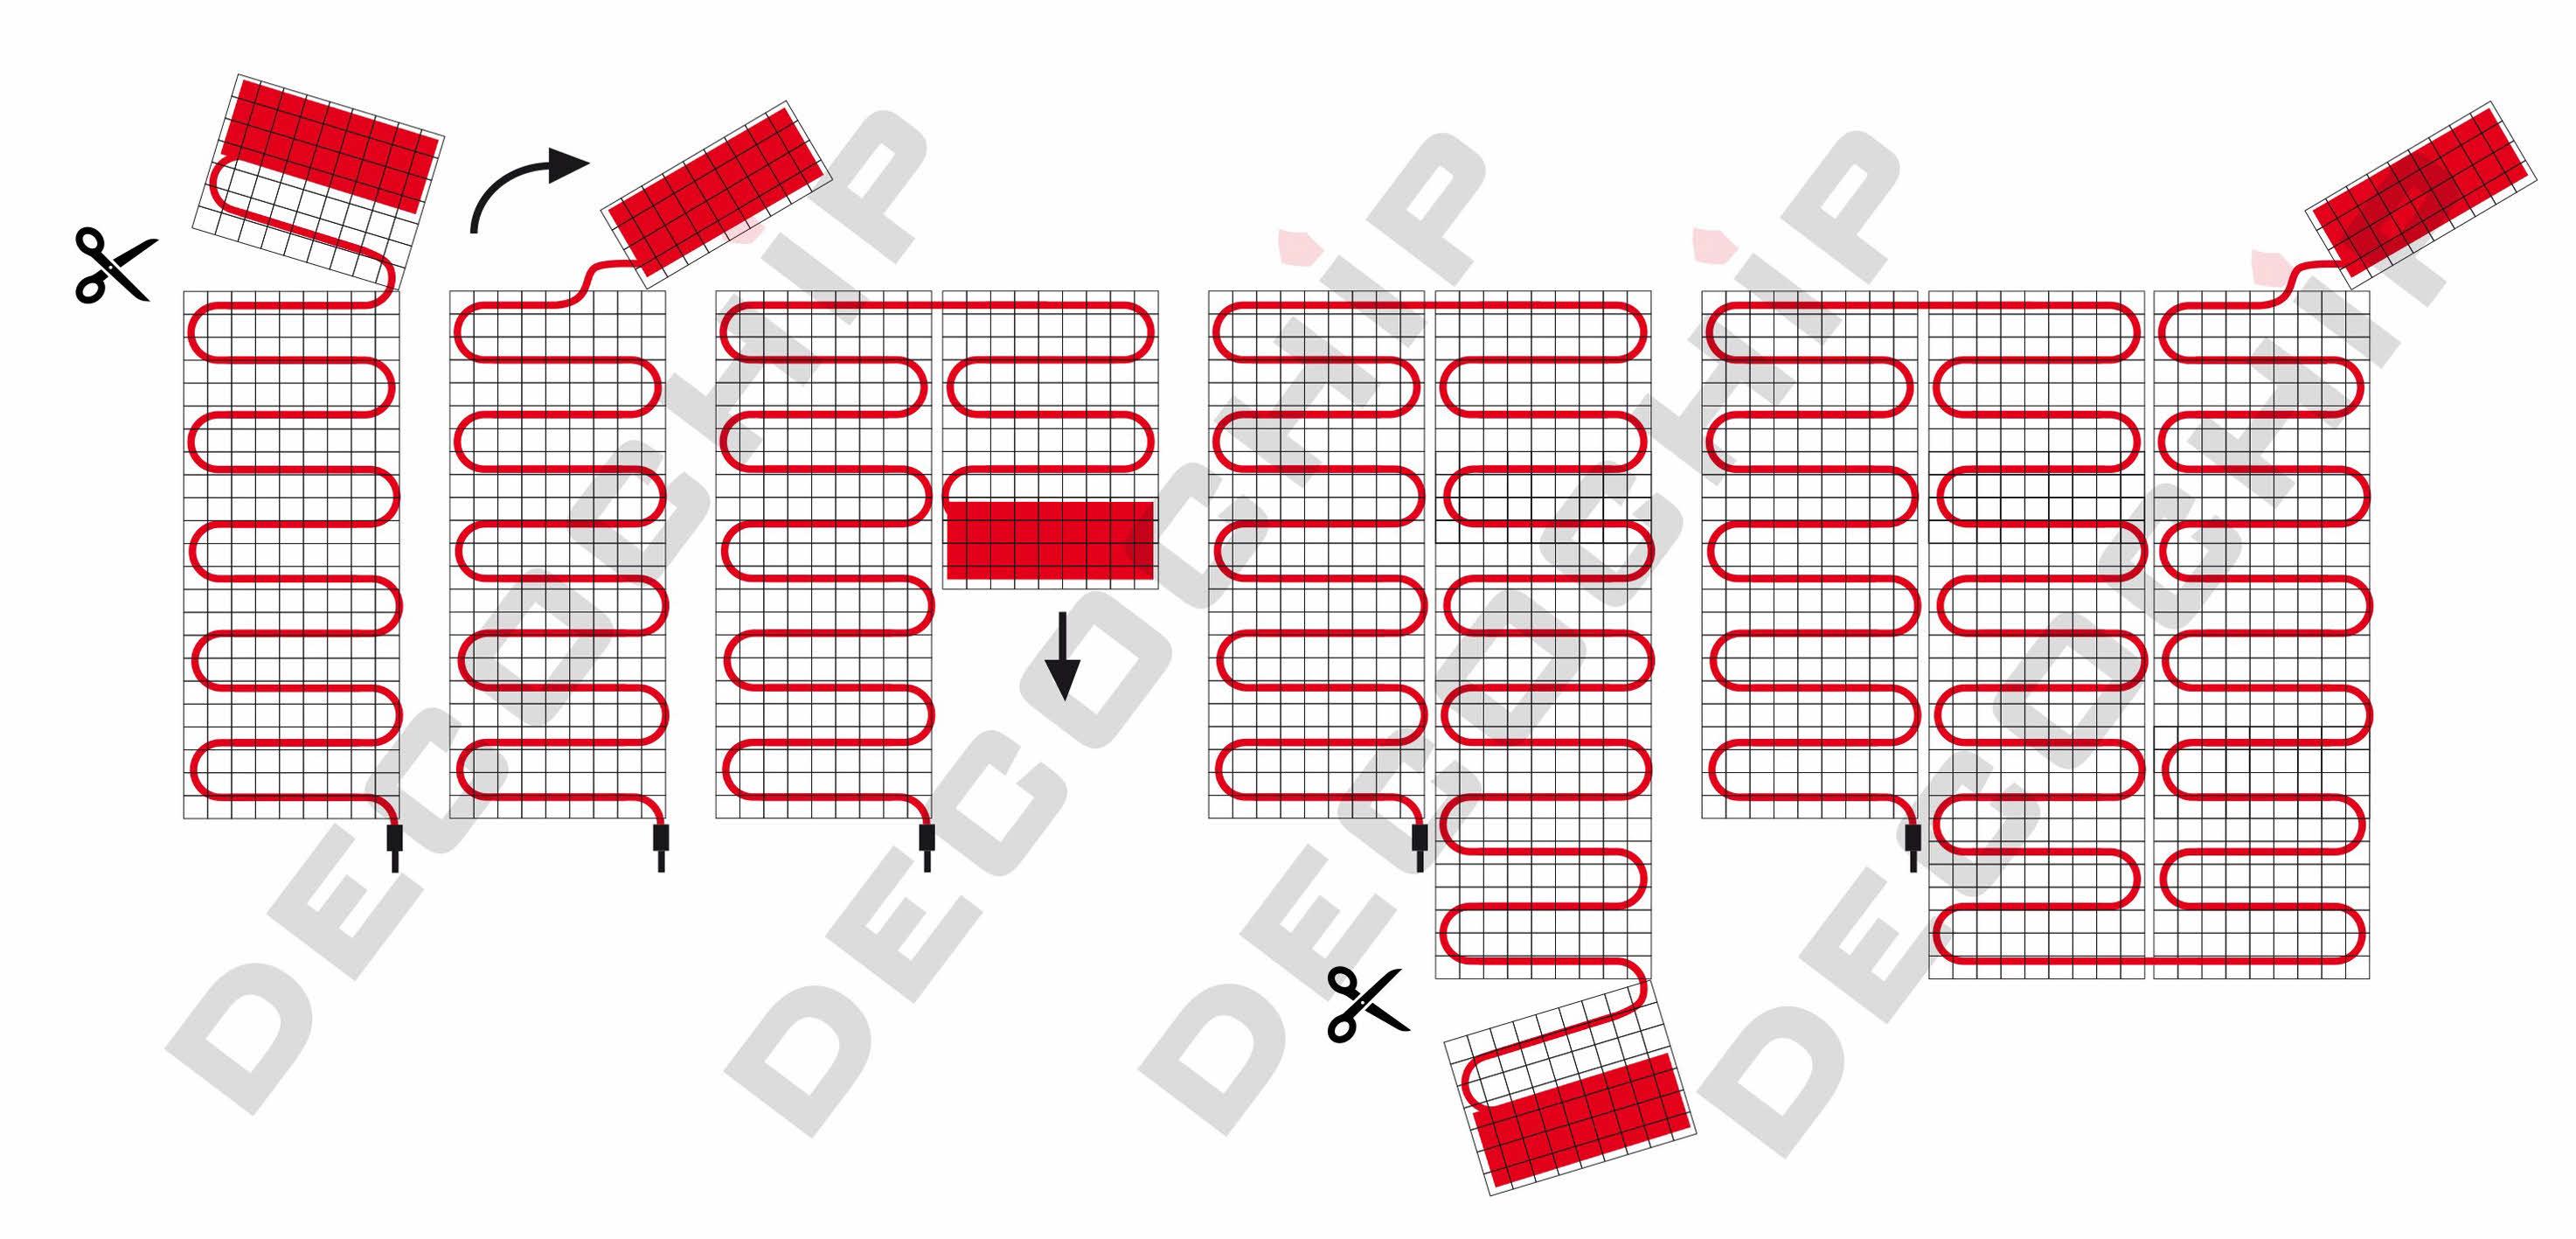 Elektrische Vloerverwarming Voor Tegel Vloeren 50 Cm Breed